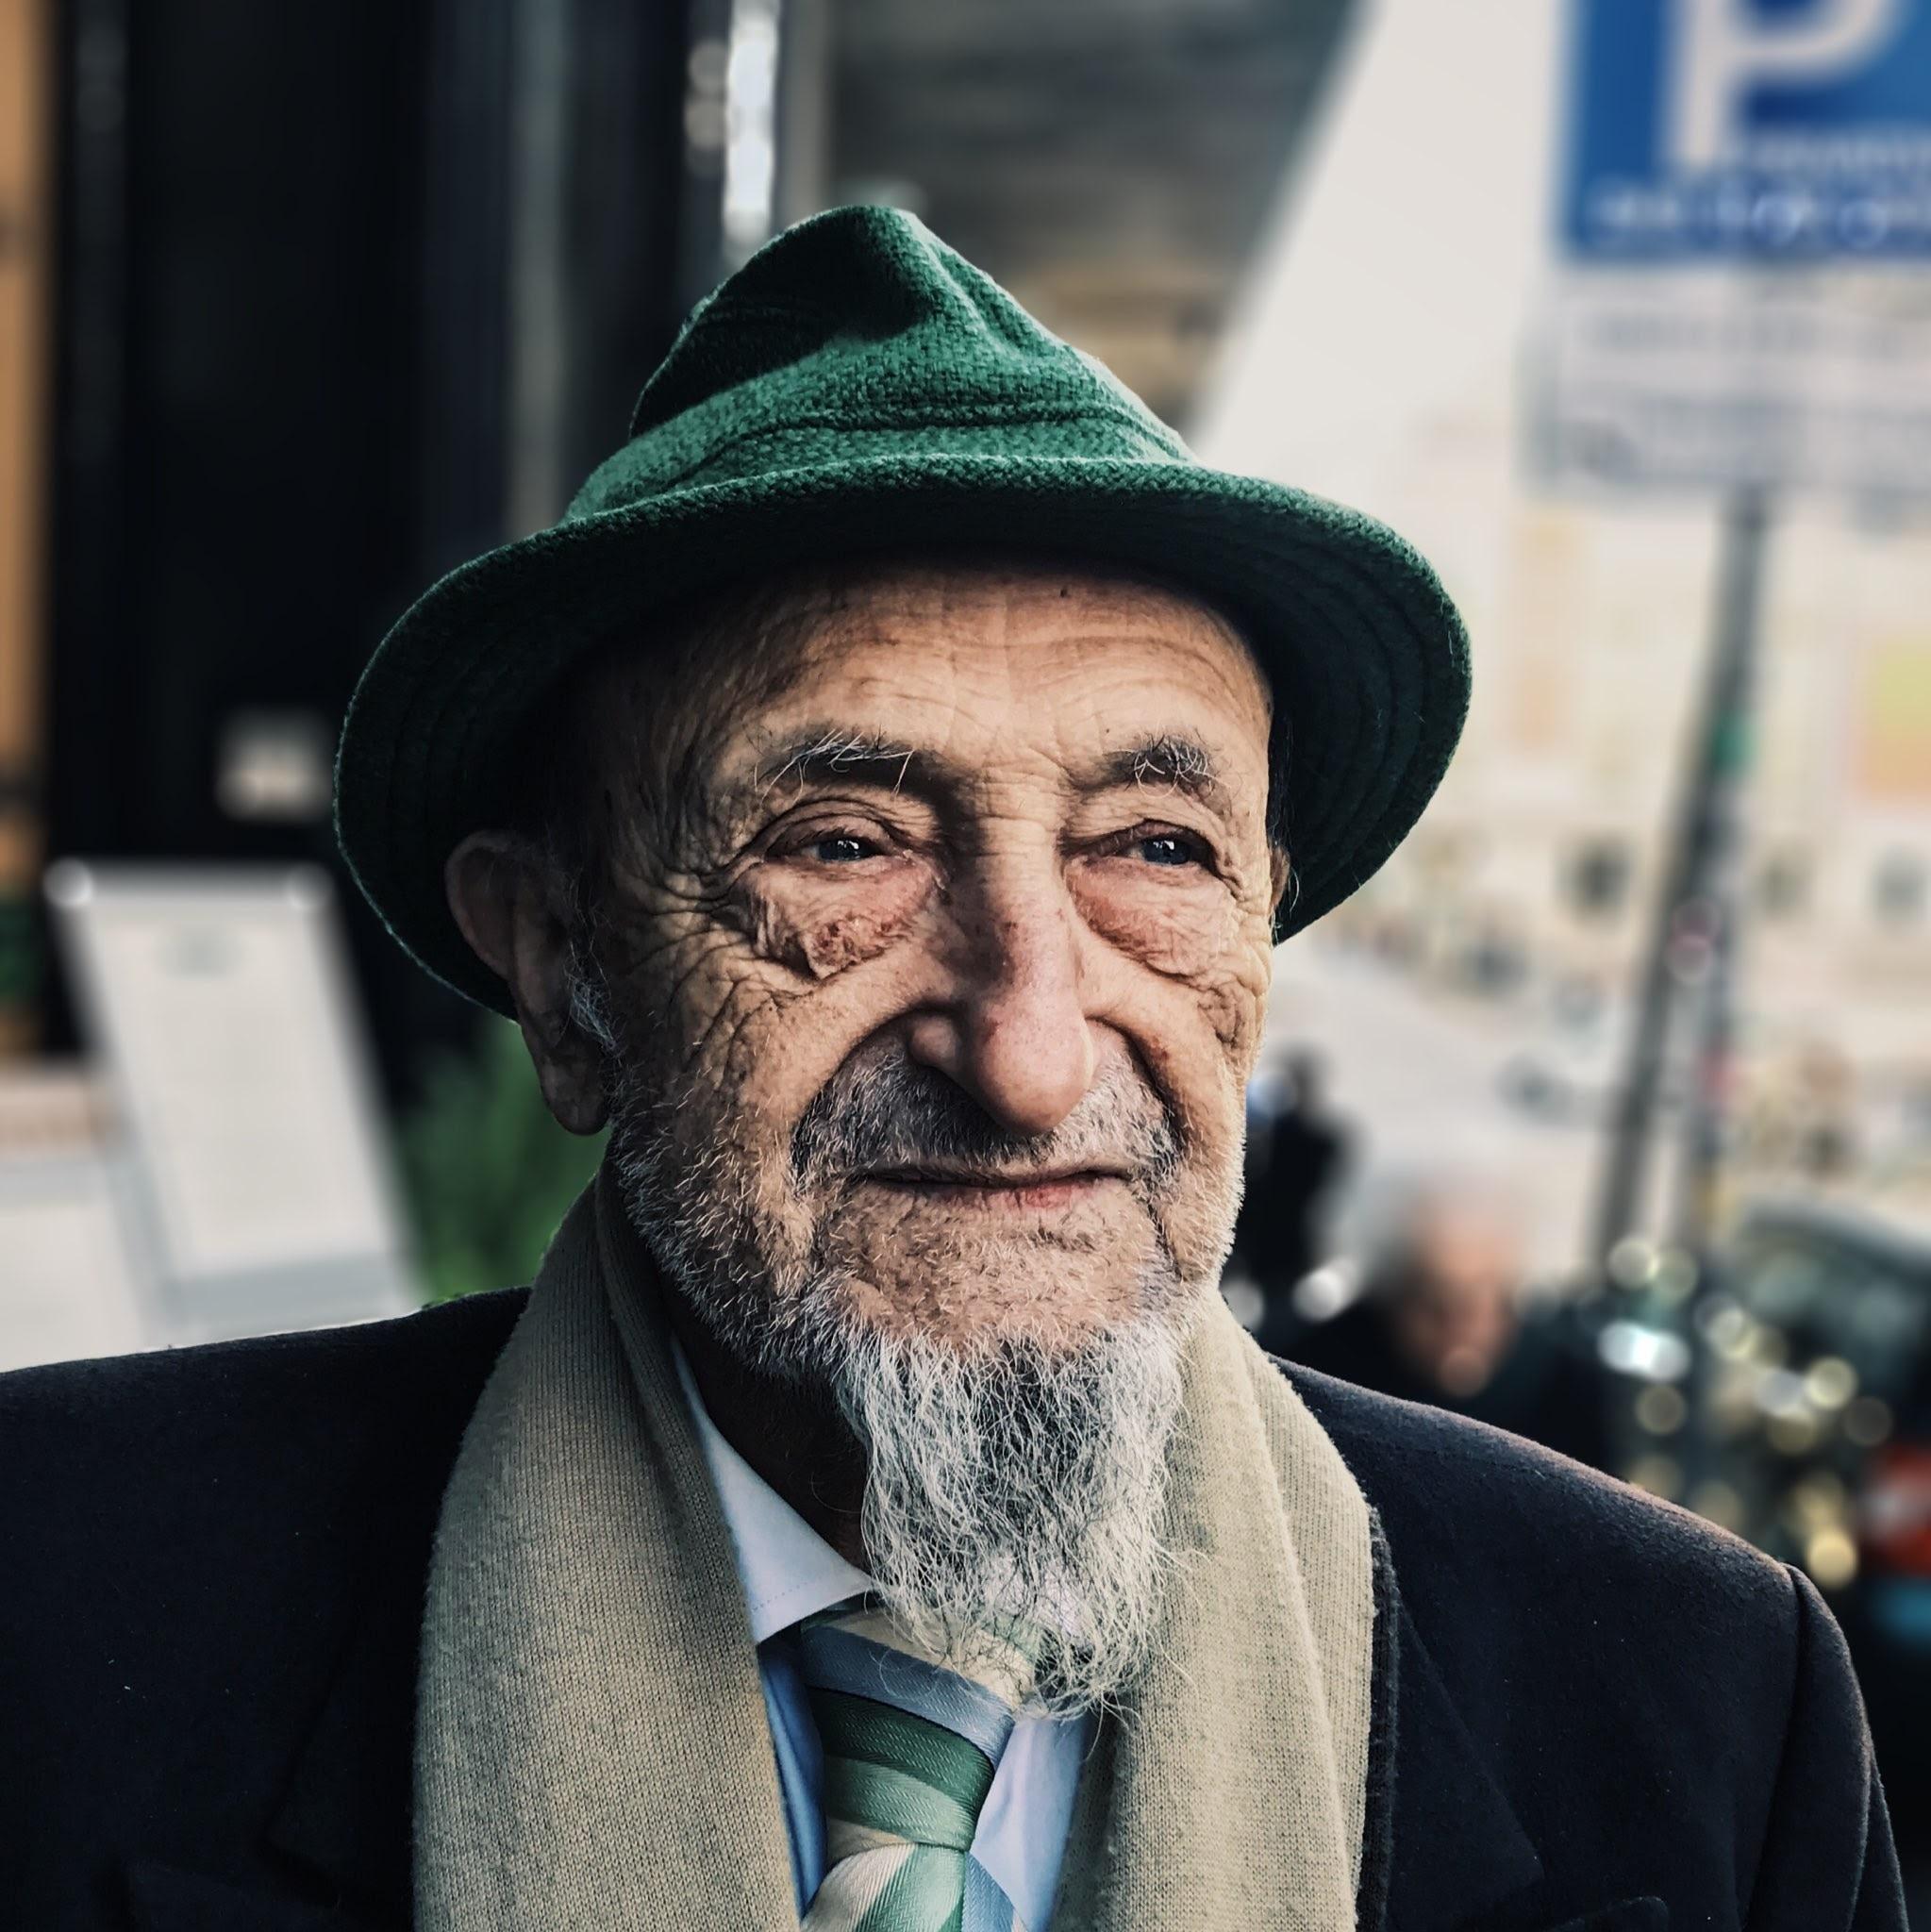 man wearing green hat during daytime